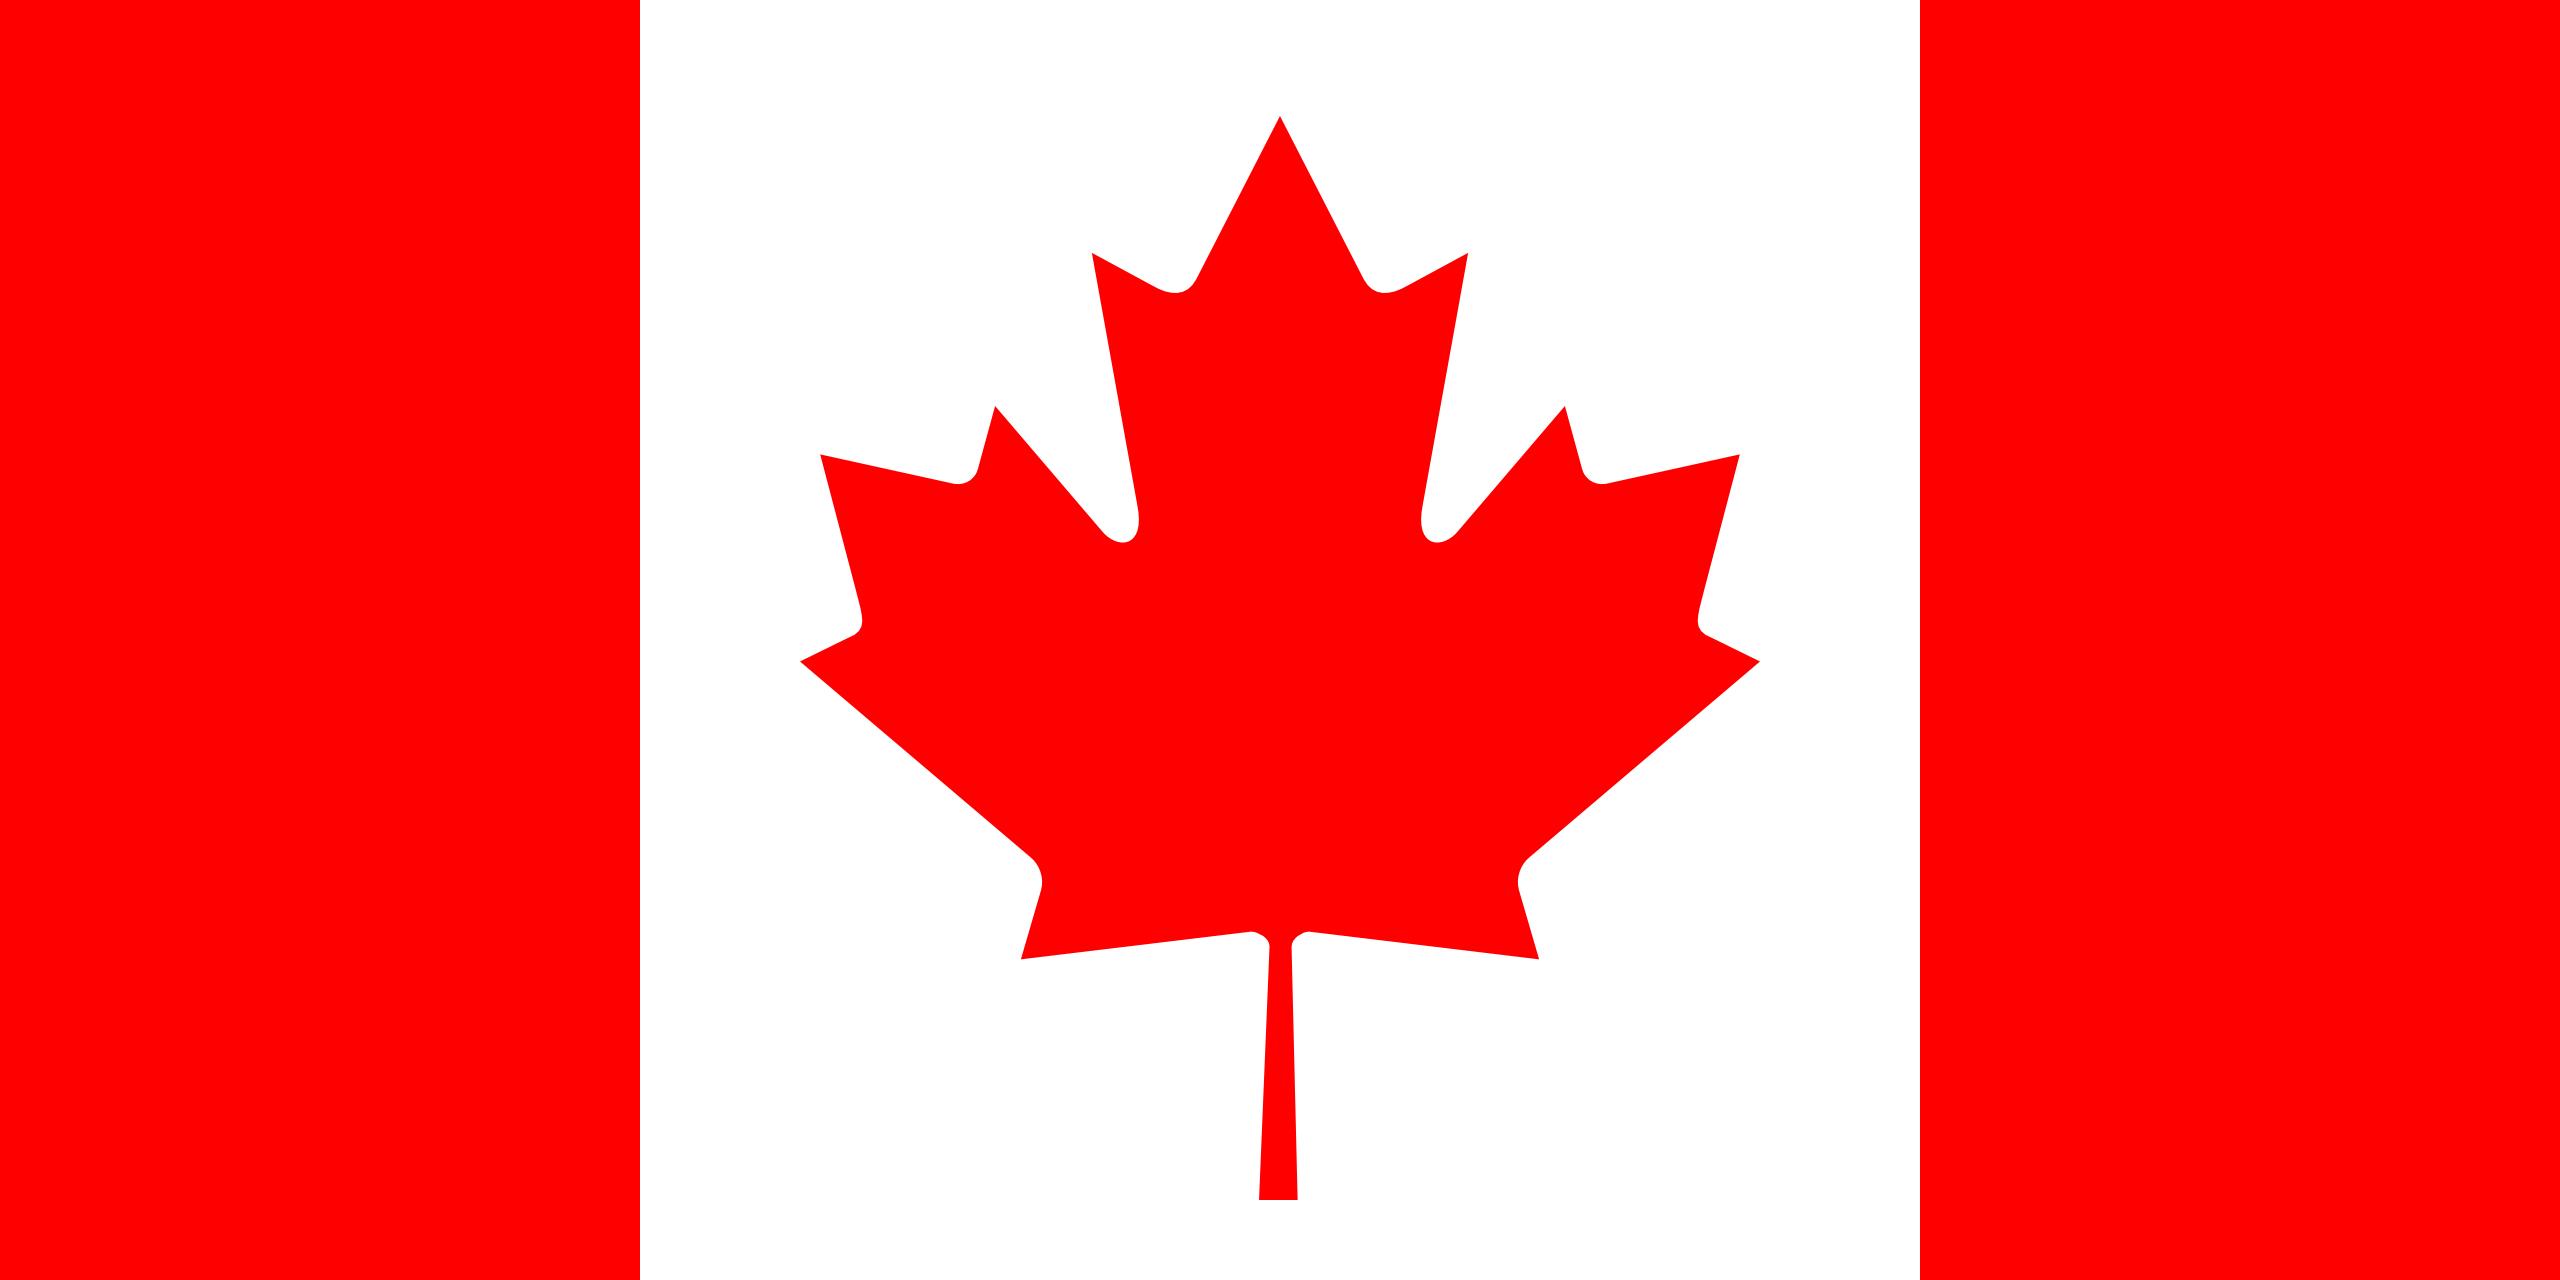 canadá, pays, emblème, logo, symbole - Fonds d'écran HD - Professor-falken.com